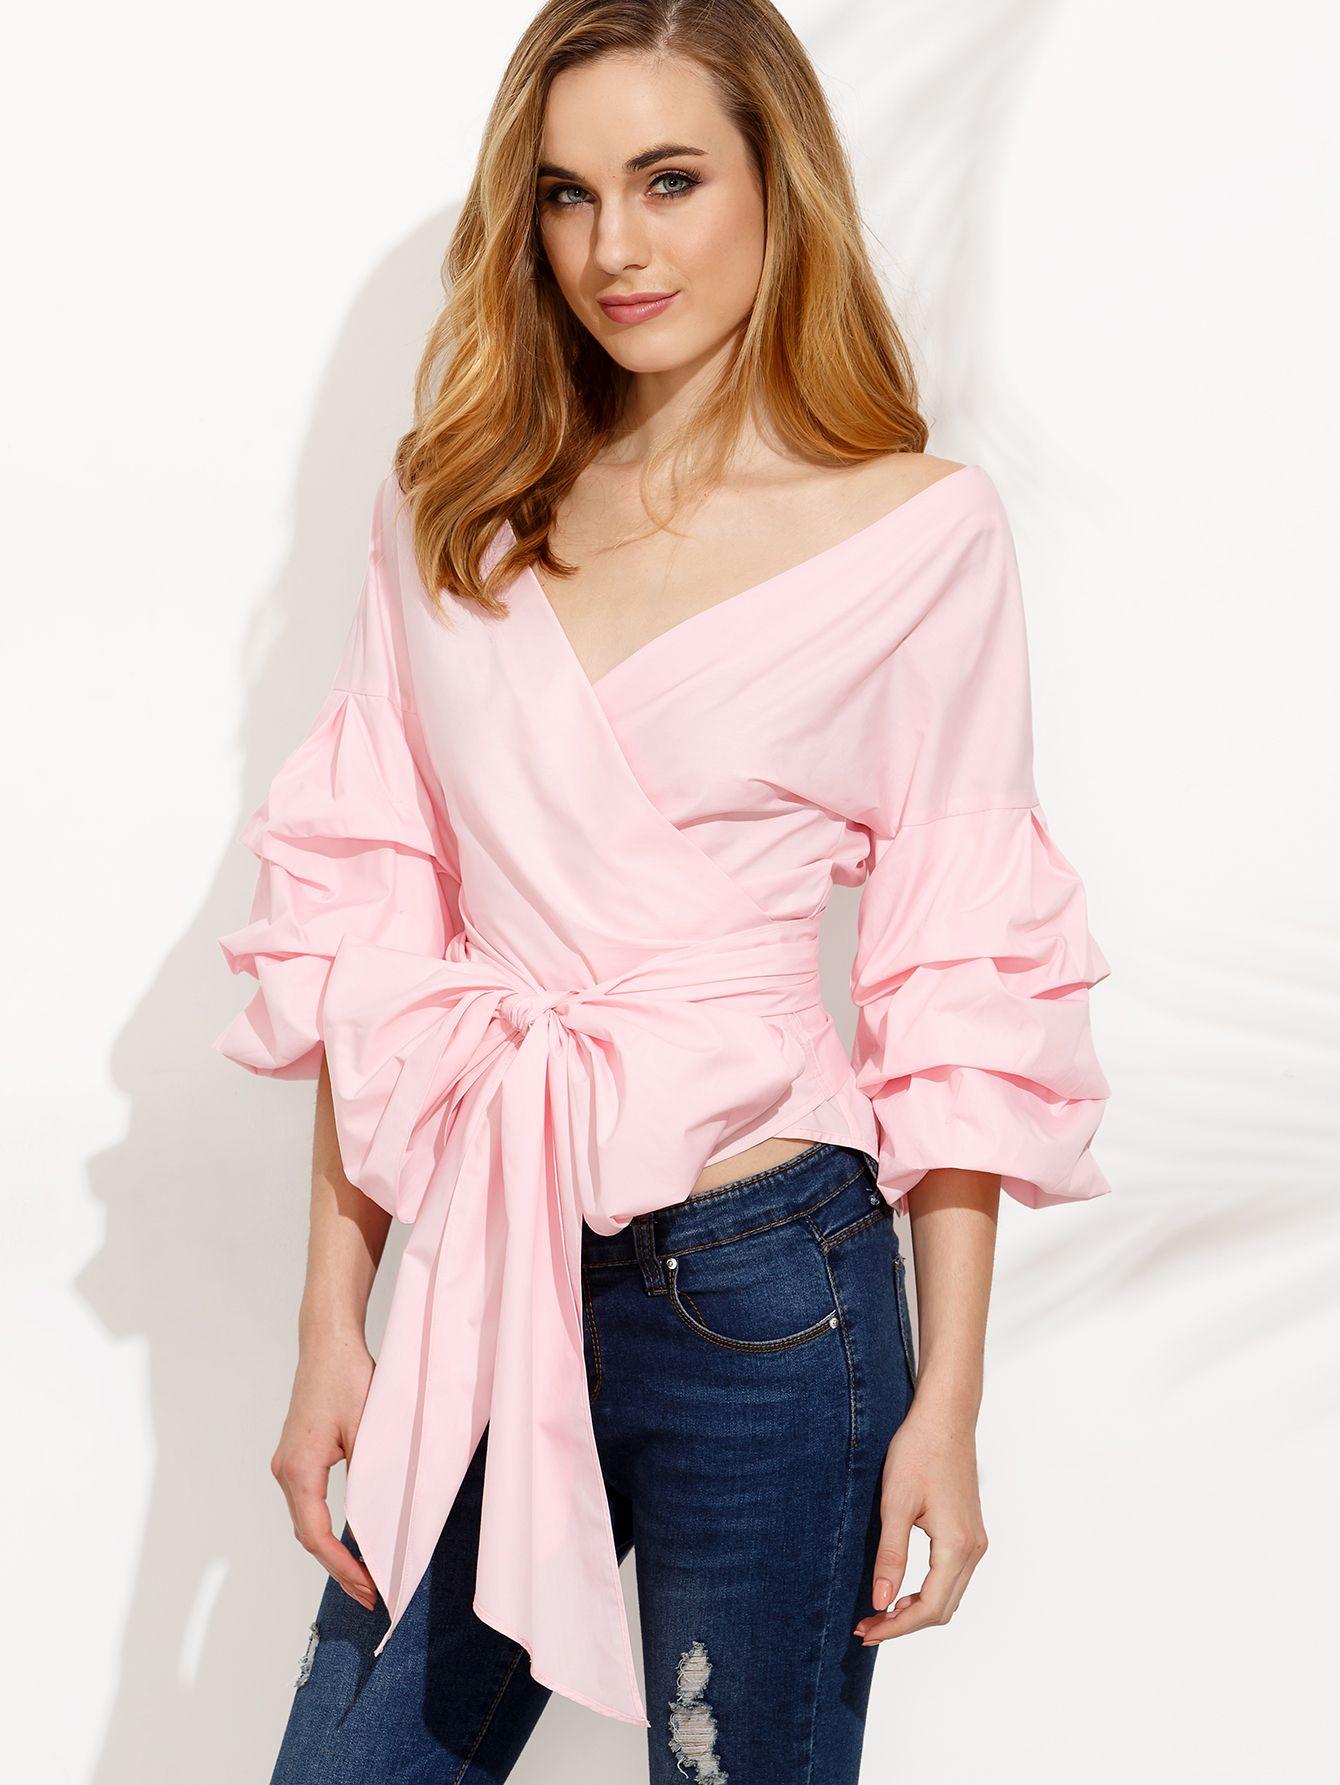 f285468e9476 Blusa plisada manga acampanada lazo cintura con cordón - rosa ...